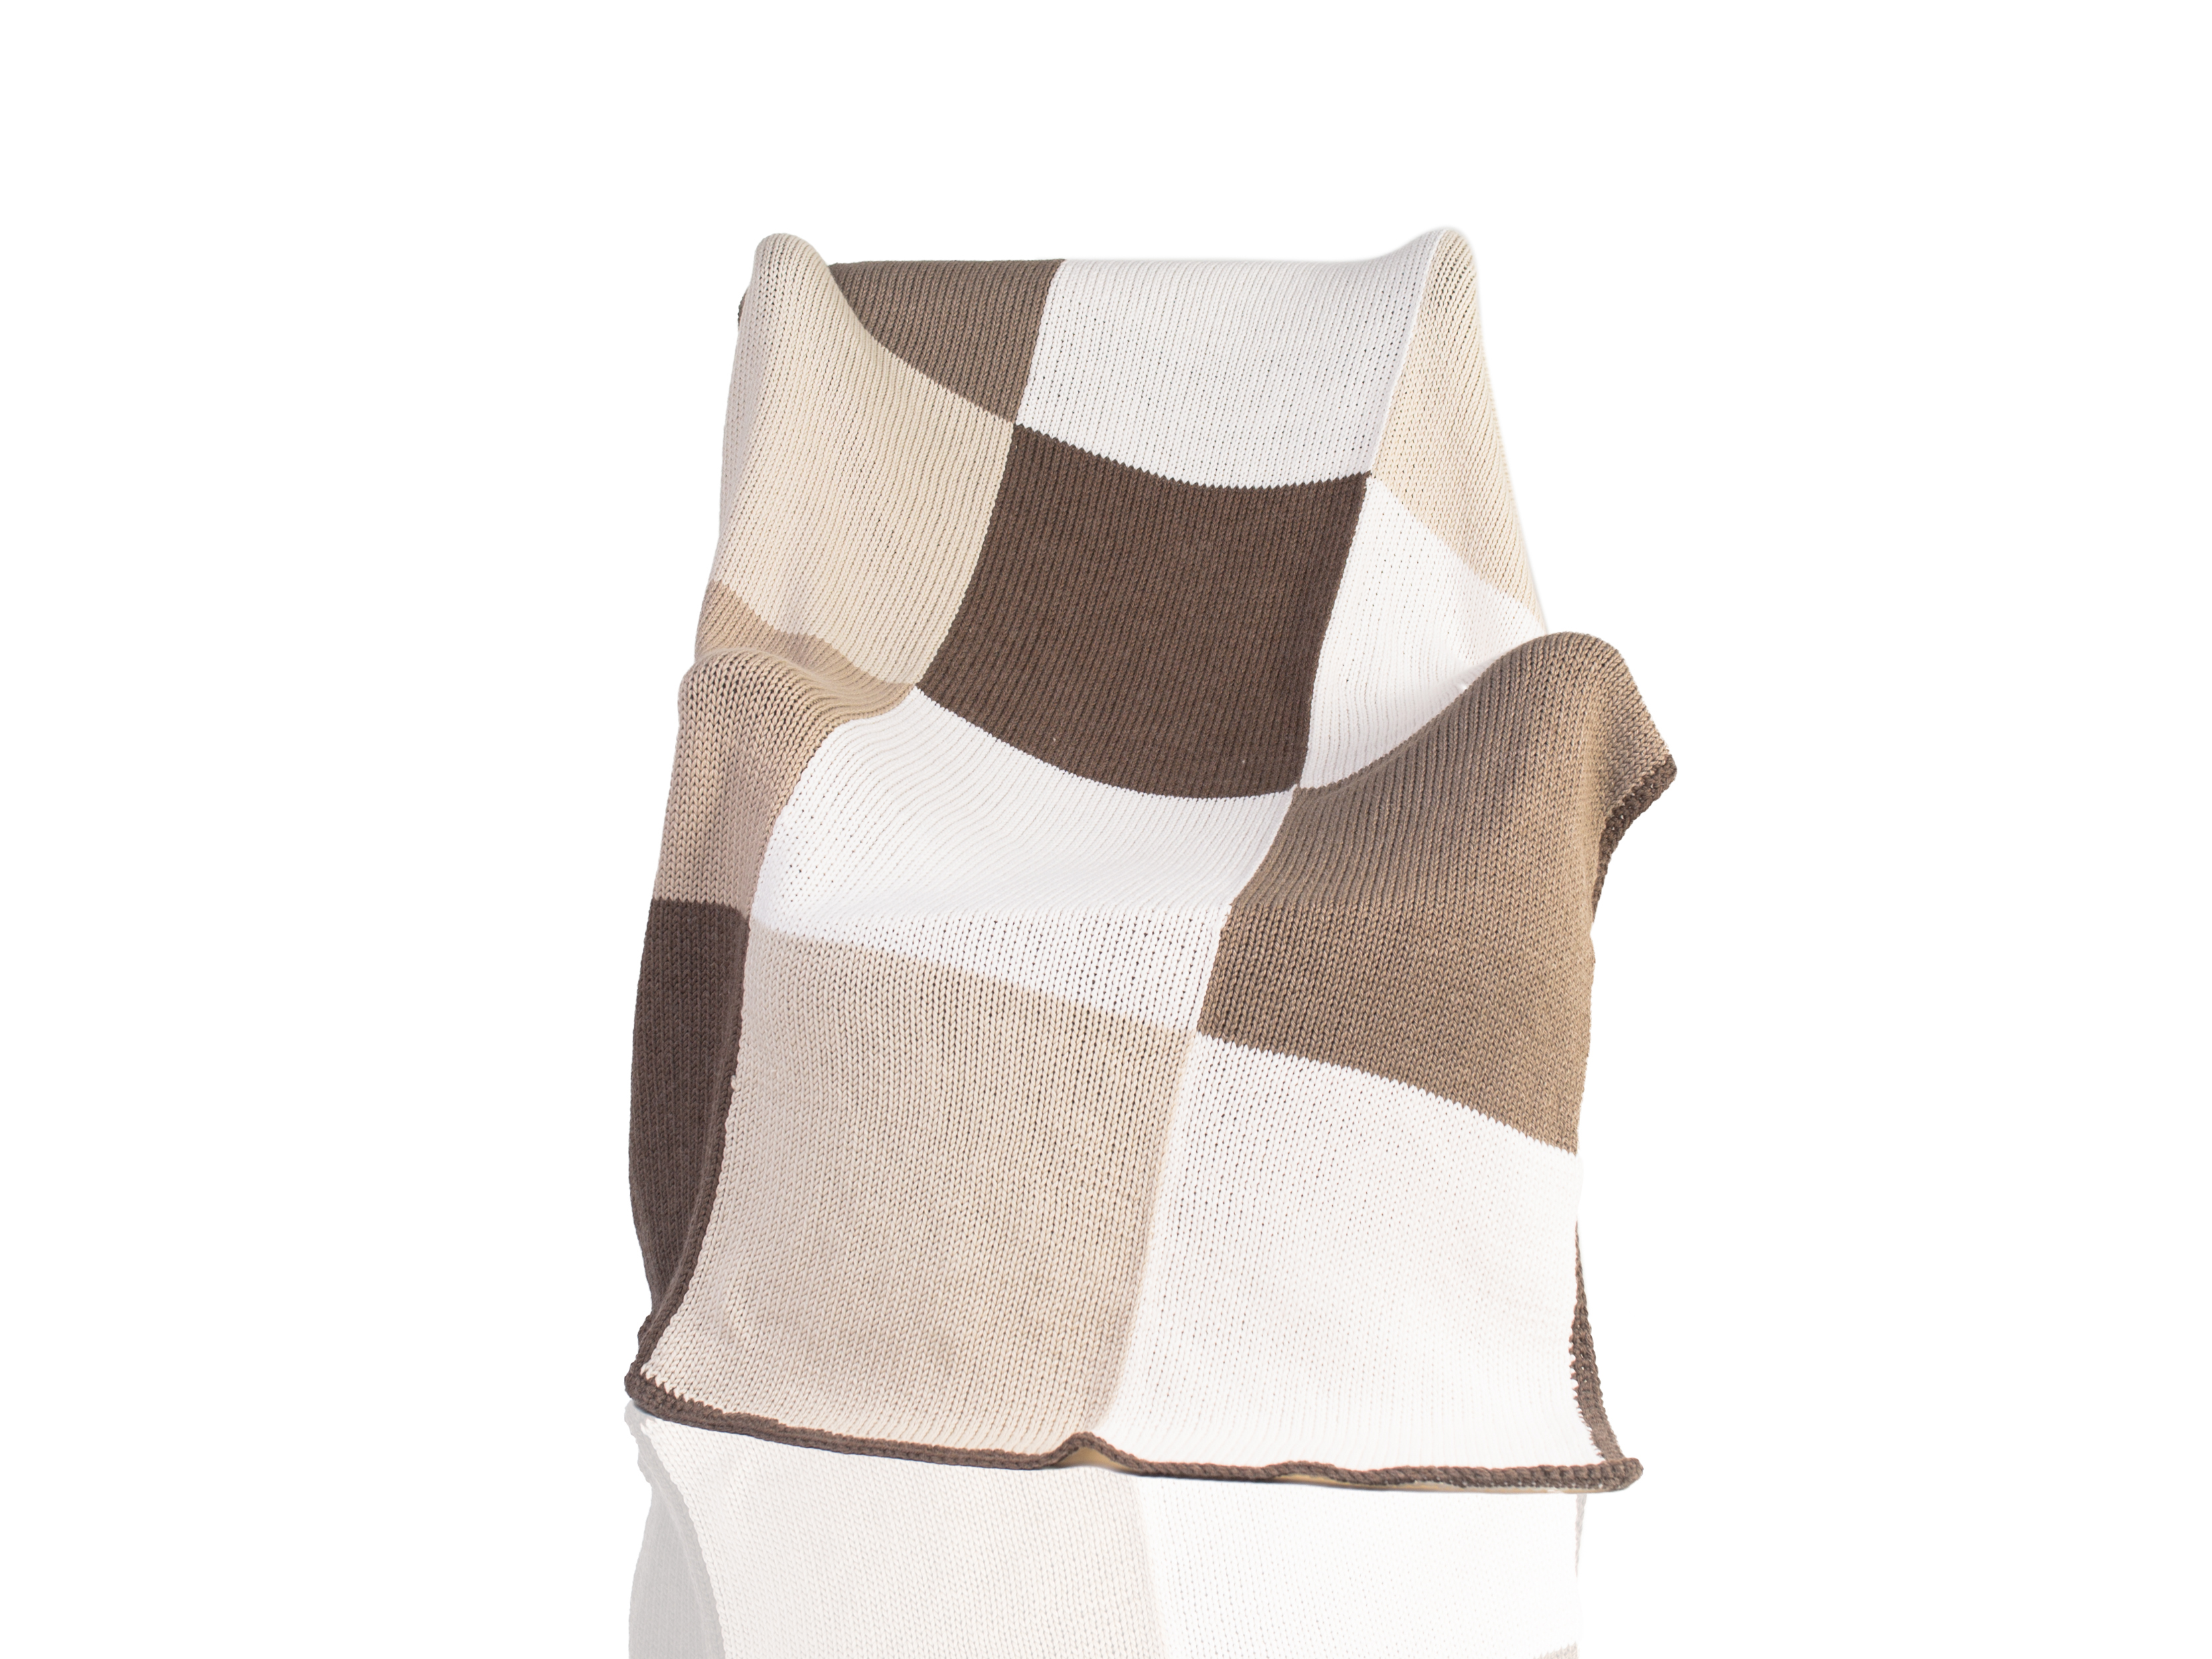 Плед IrtyshПледы со смешанным составом<br>Иртыш - вязаный плед ручной работы - сделан из высококачественных материалов в Барселоне, Испания. Удобная и красивая, эта вещь в традиционном стиле добавит комфорта и уюта любому домашнему декору. Будь то прохладный вечер, дождливый день или ветреный полдень, этот мягкий вязаный плед сохранит вас в тепле. &amp;amp;nbsp;&amp;lt;div&amp;gt;&amp;lt;br&amp;gt;&amp;lt;/div&amp;gt;&amp;lt;div&amp;gt;Состав: 55% шерсть мериноса / 45% акрил&amp;amp;nbsp;&amp;lt;/div&amp;gt;<br><br>Material: Шерсть<br>Width см: 125<br>Depth см: None<br>Height см: 160